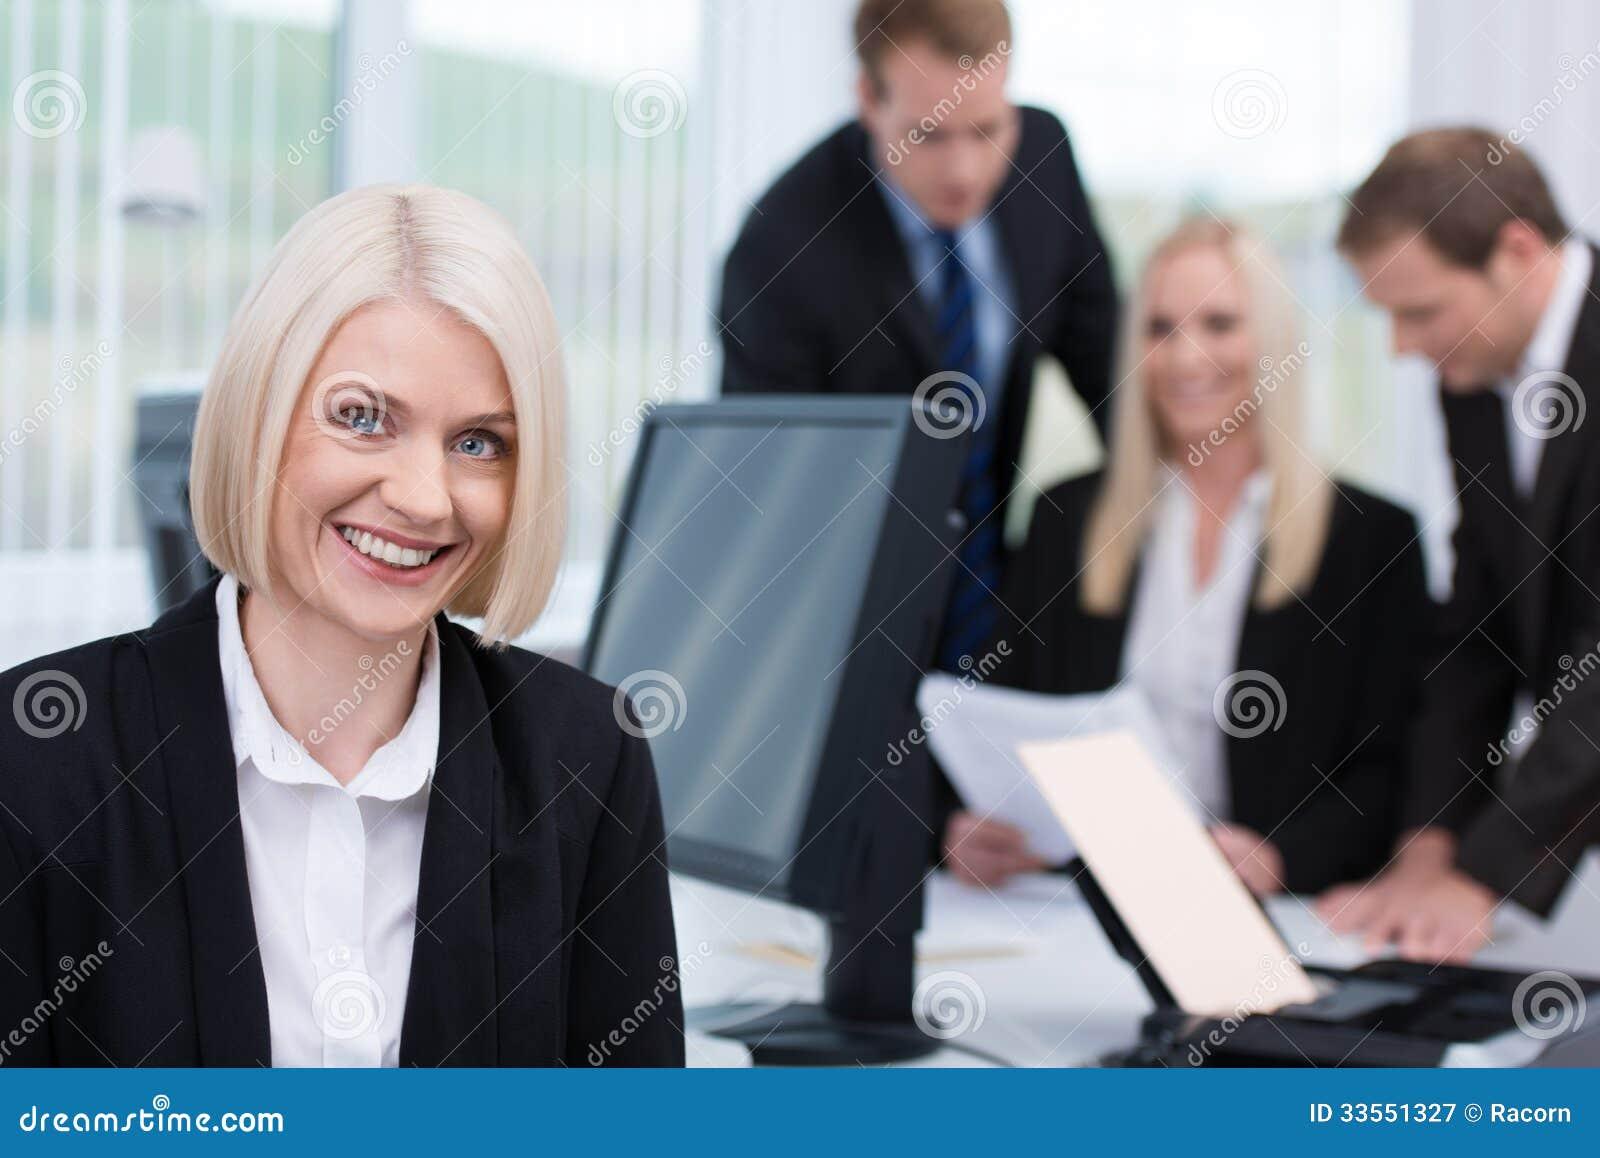 Χαμογελώντας φιλική επιχειρηματίας στο γραφείο